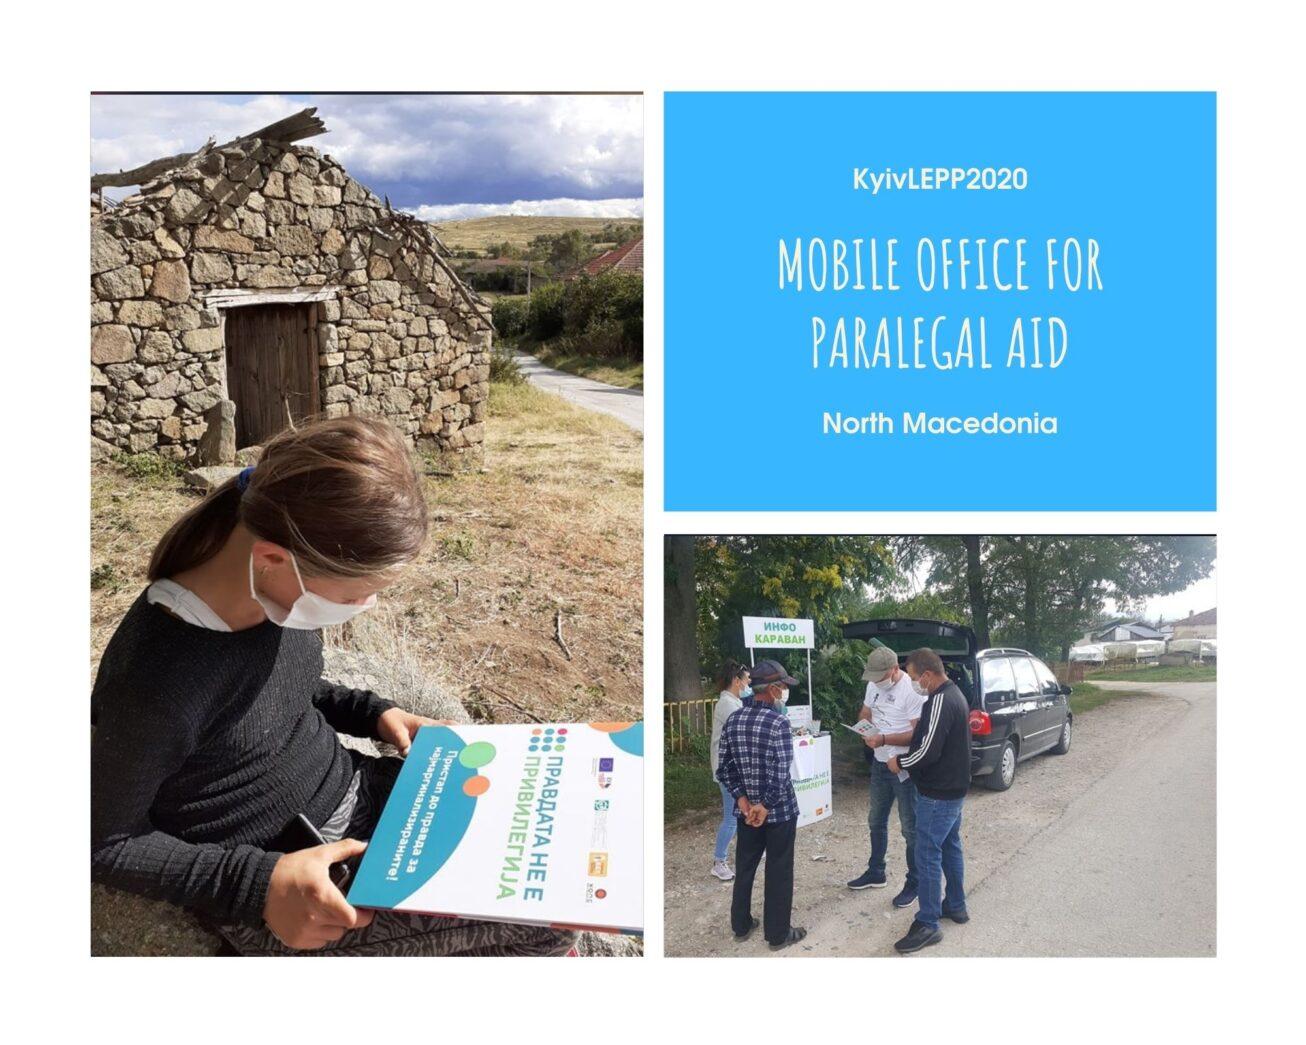 Завдяки KyivLEPP-2020 правову допомогу щорічно можуть отримати близько 500 мешканців та мешканок віддалених селищ у Північній Македонії